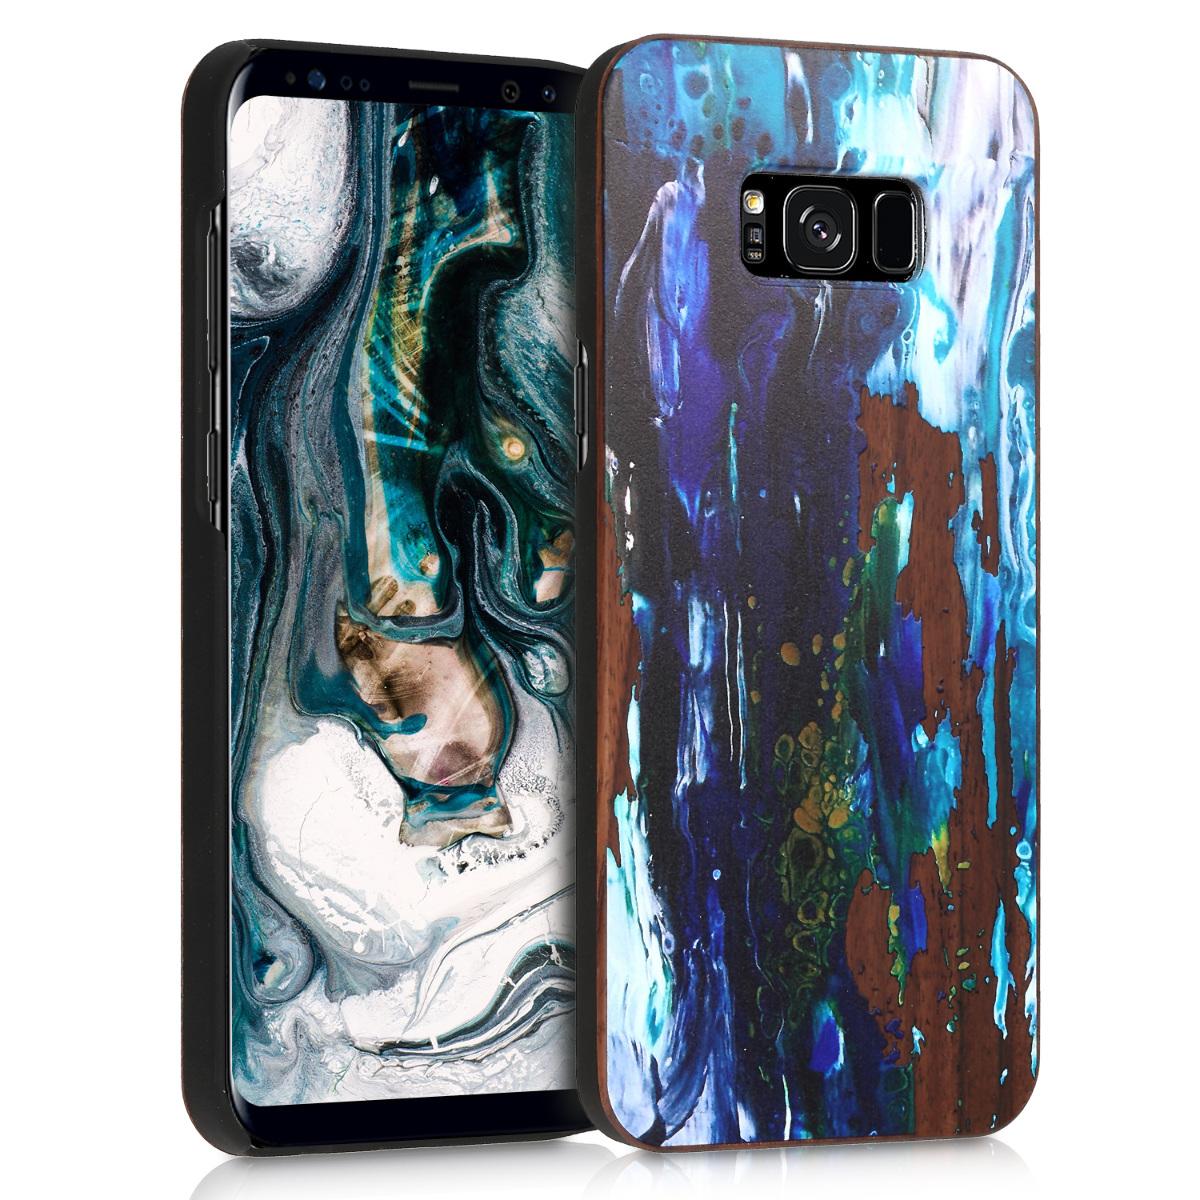 Dřevěné pouzdro pro Samsung S8 Plus - Akvarel Vlny modré / tmavě modré / hnědá